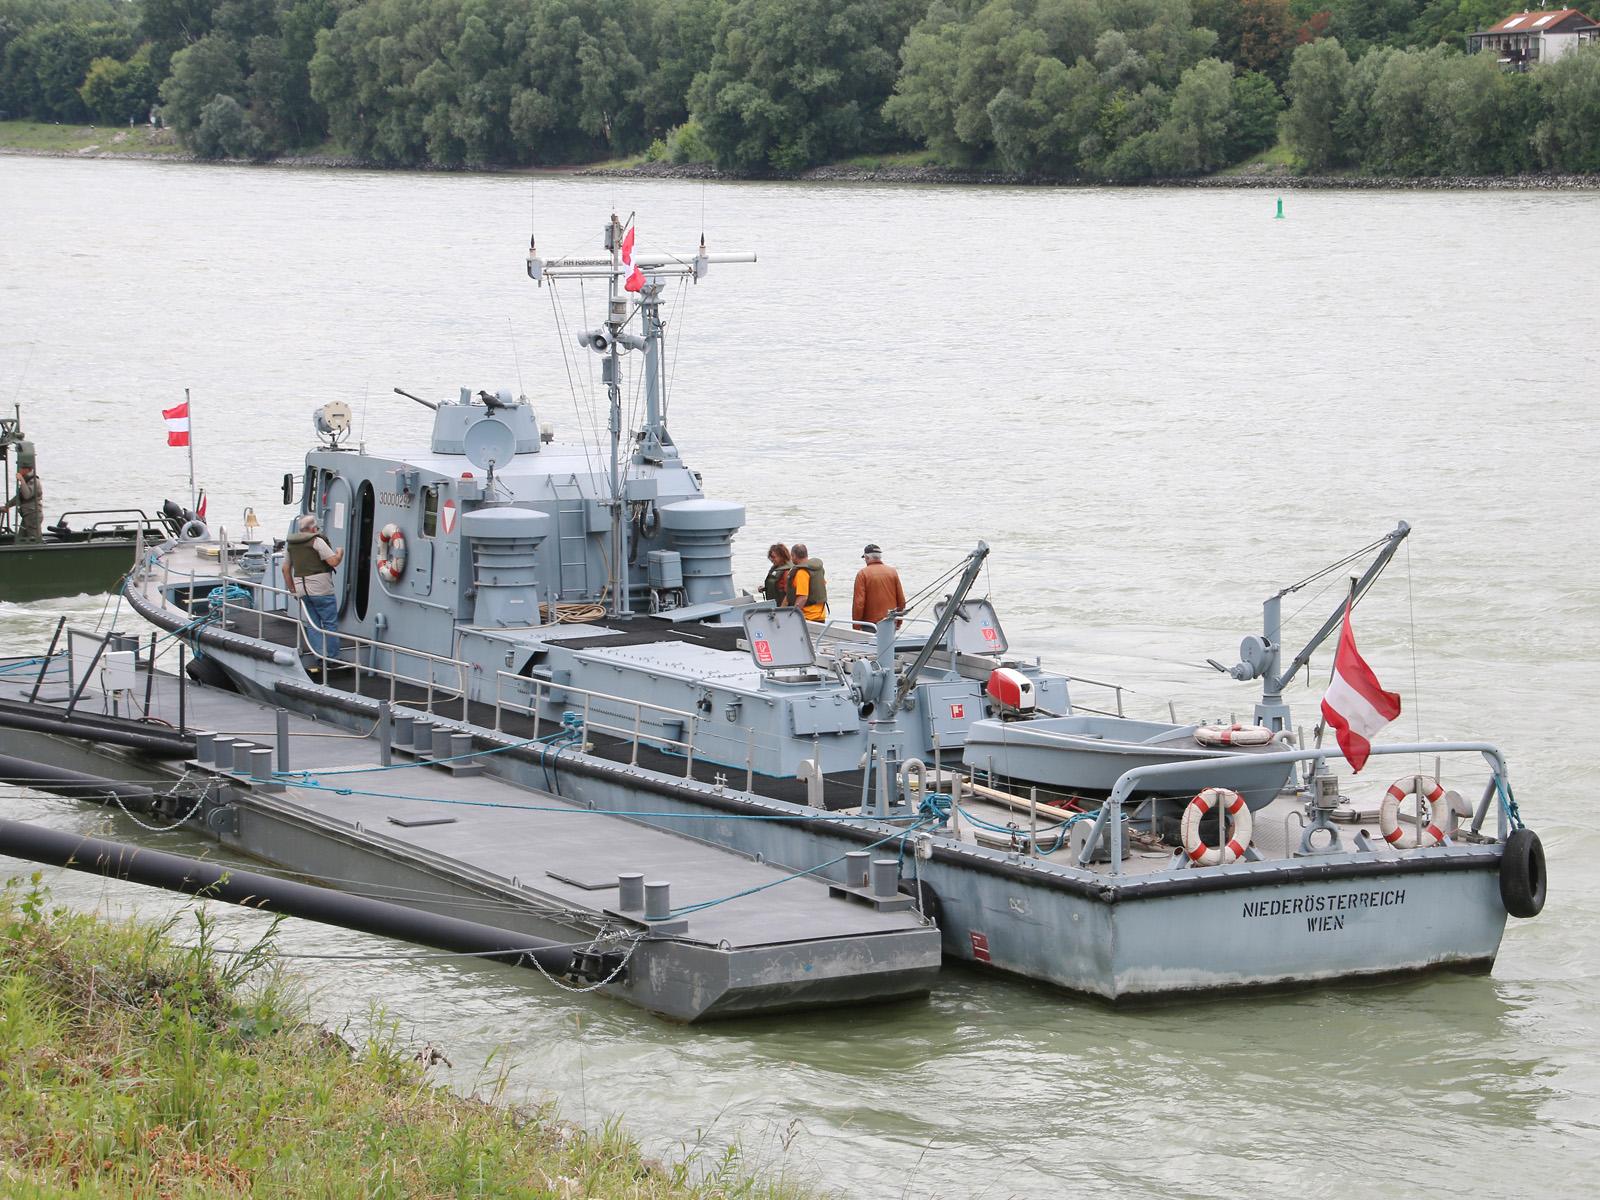 Patrouillenboot Niederösterreich © Doppeladler.com